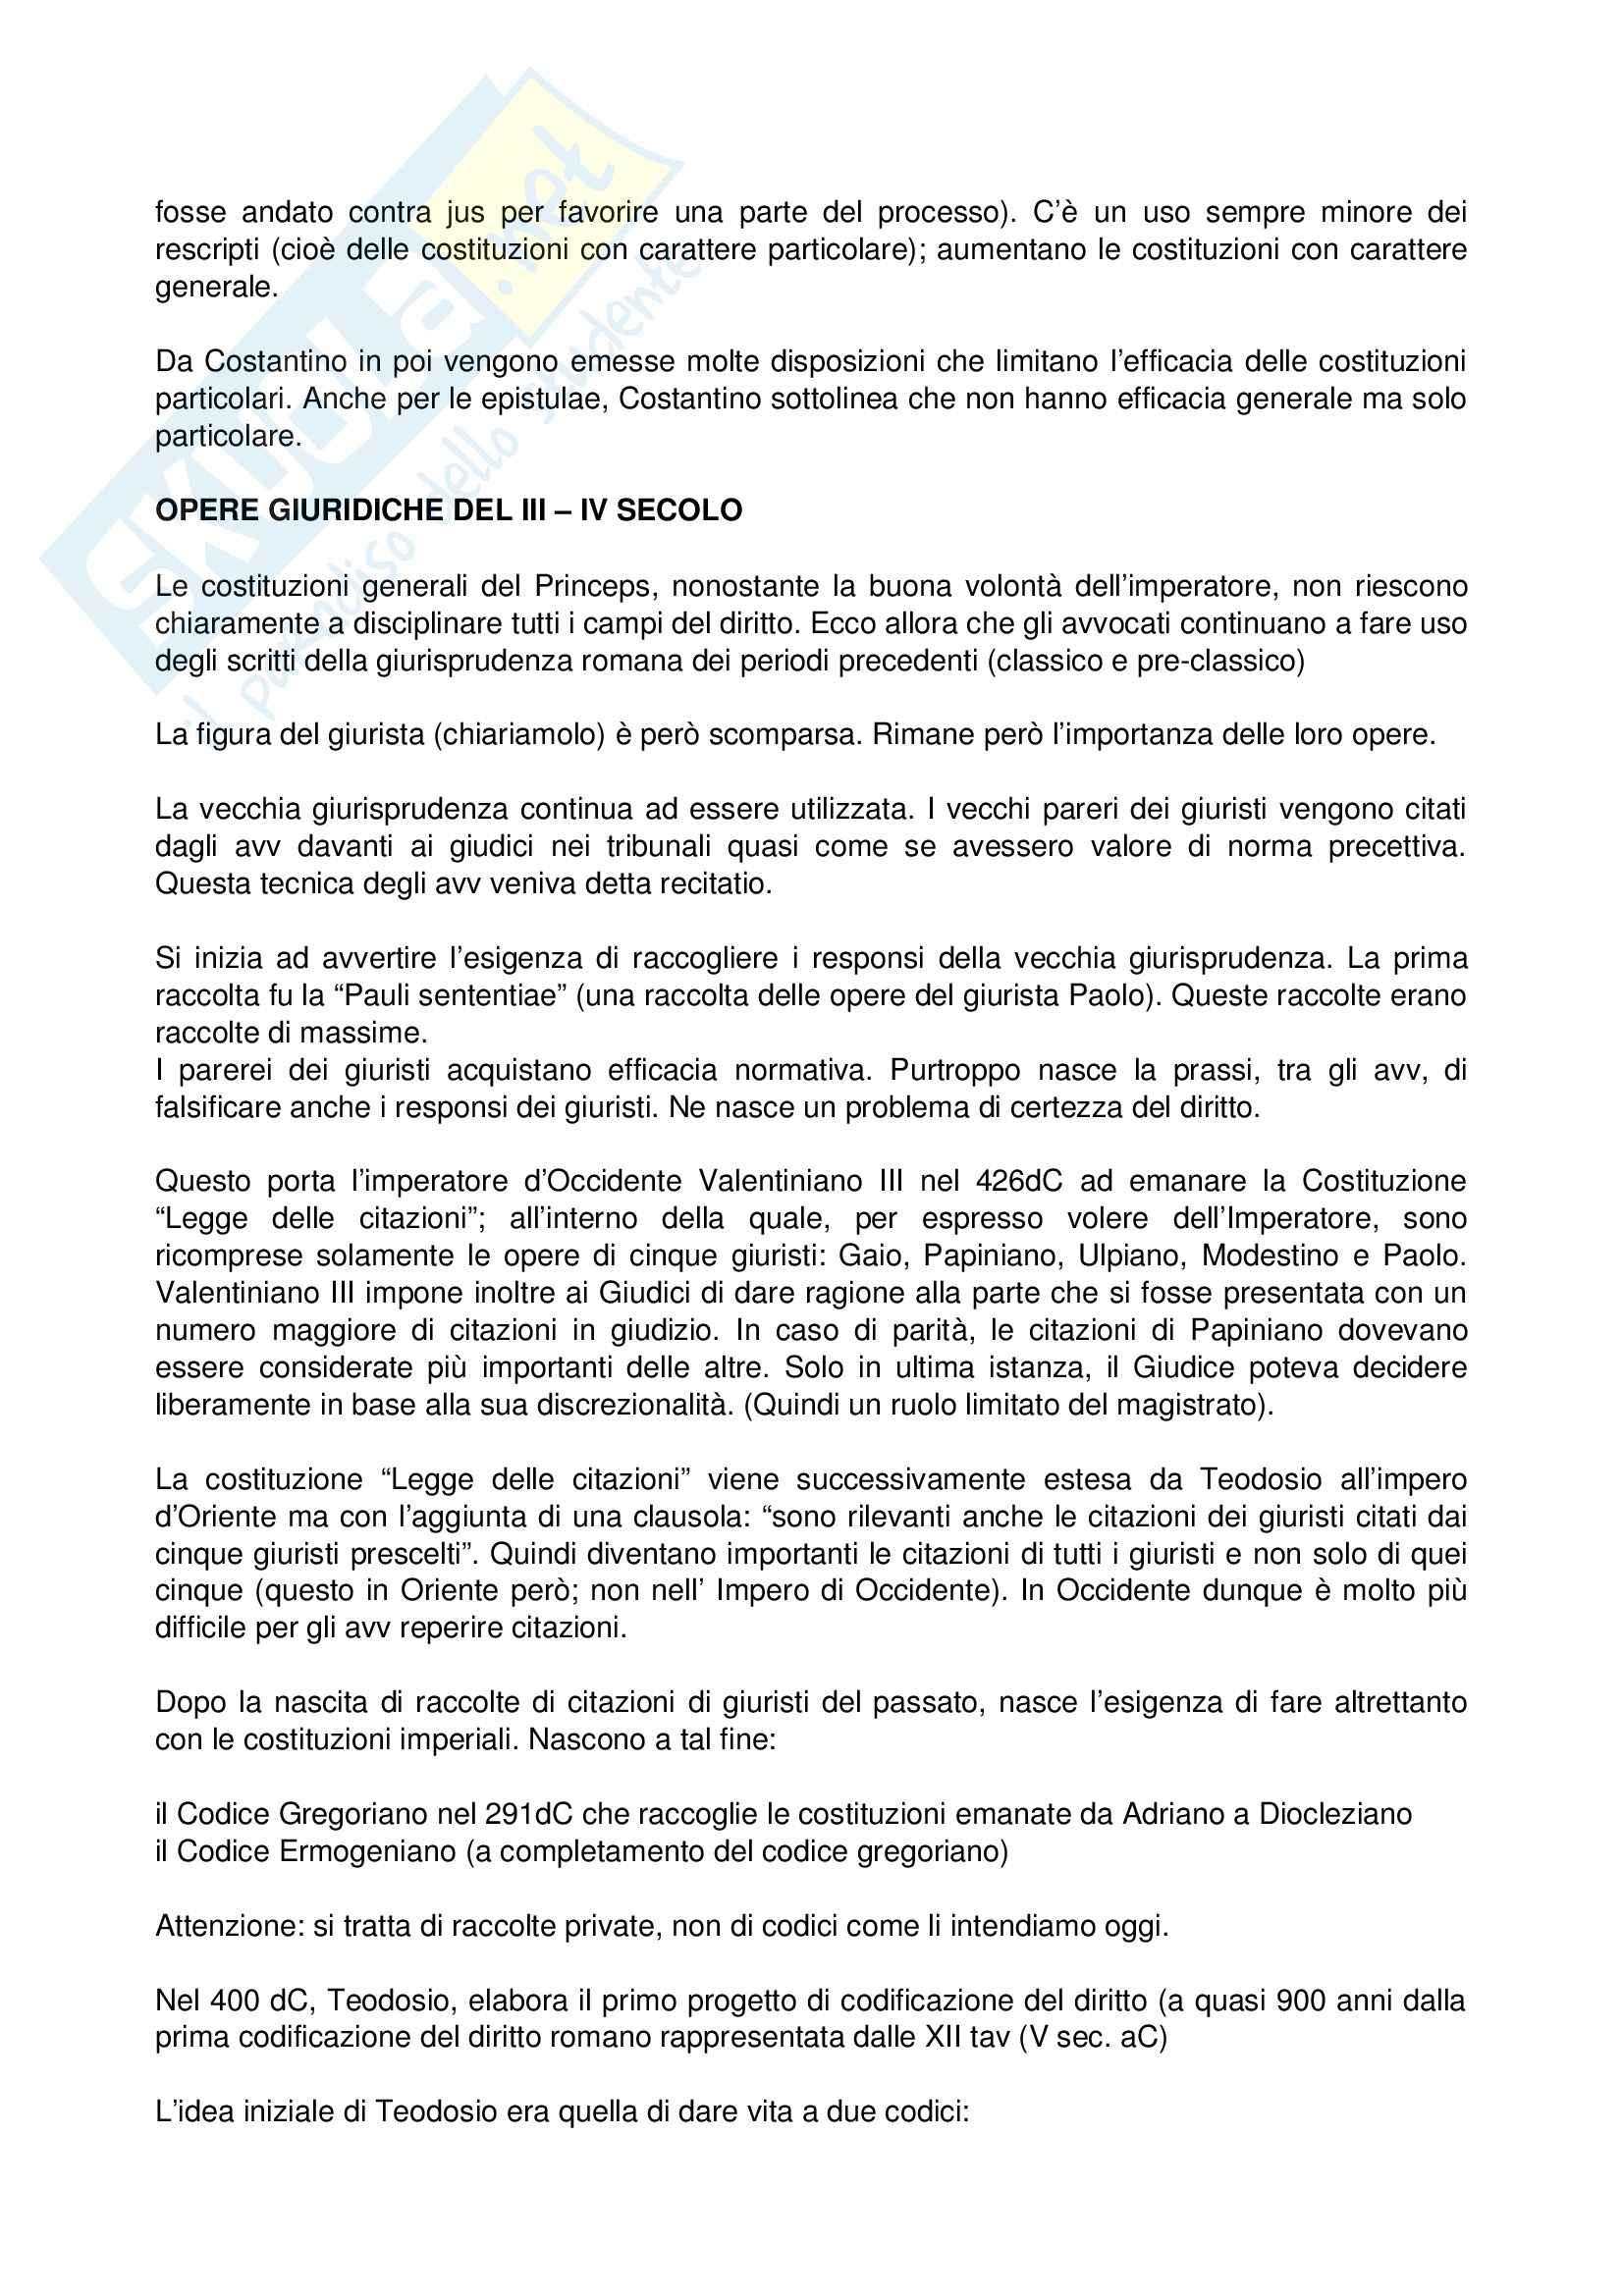 Diritto romano - le fonti del diritto nel periodo post-classico e giustinianeo Pag. 2